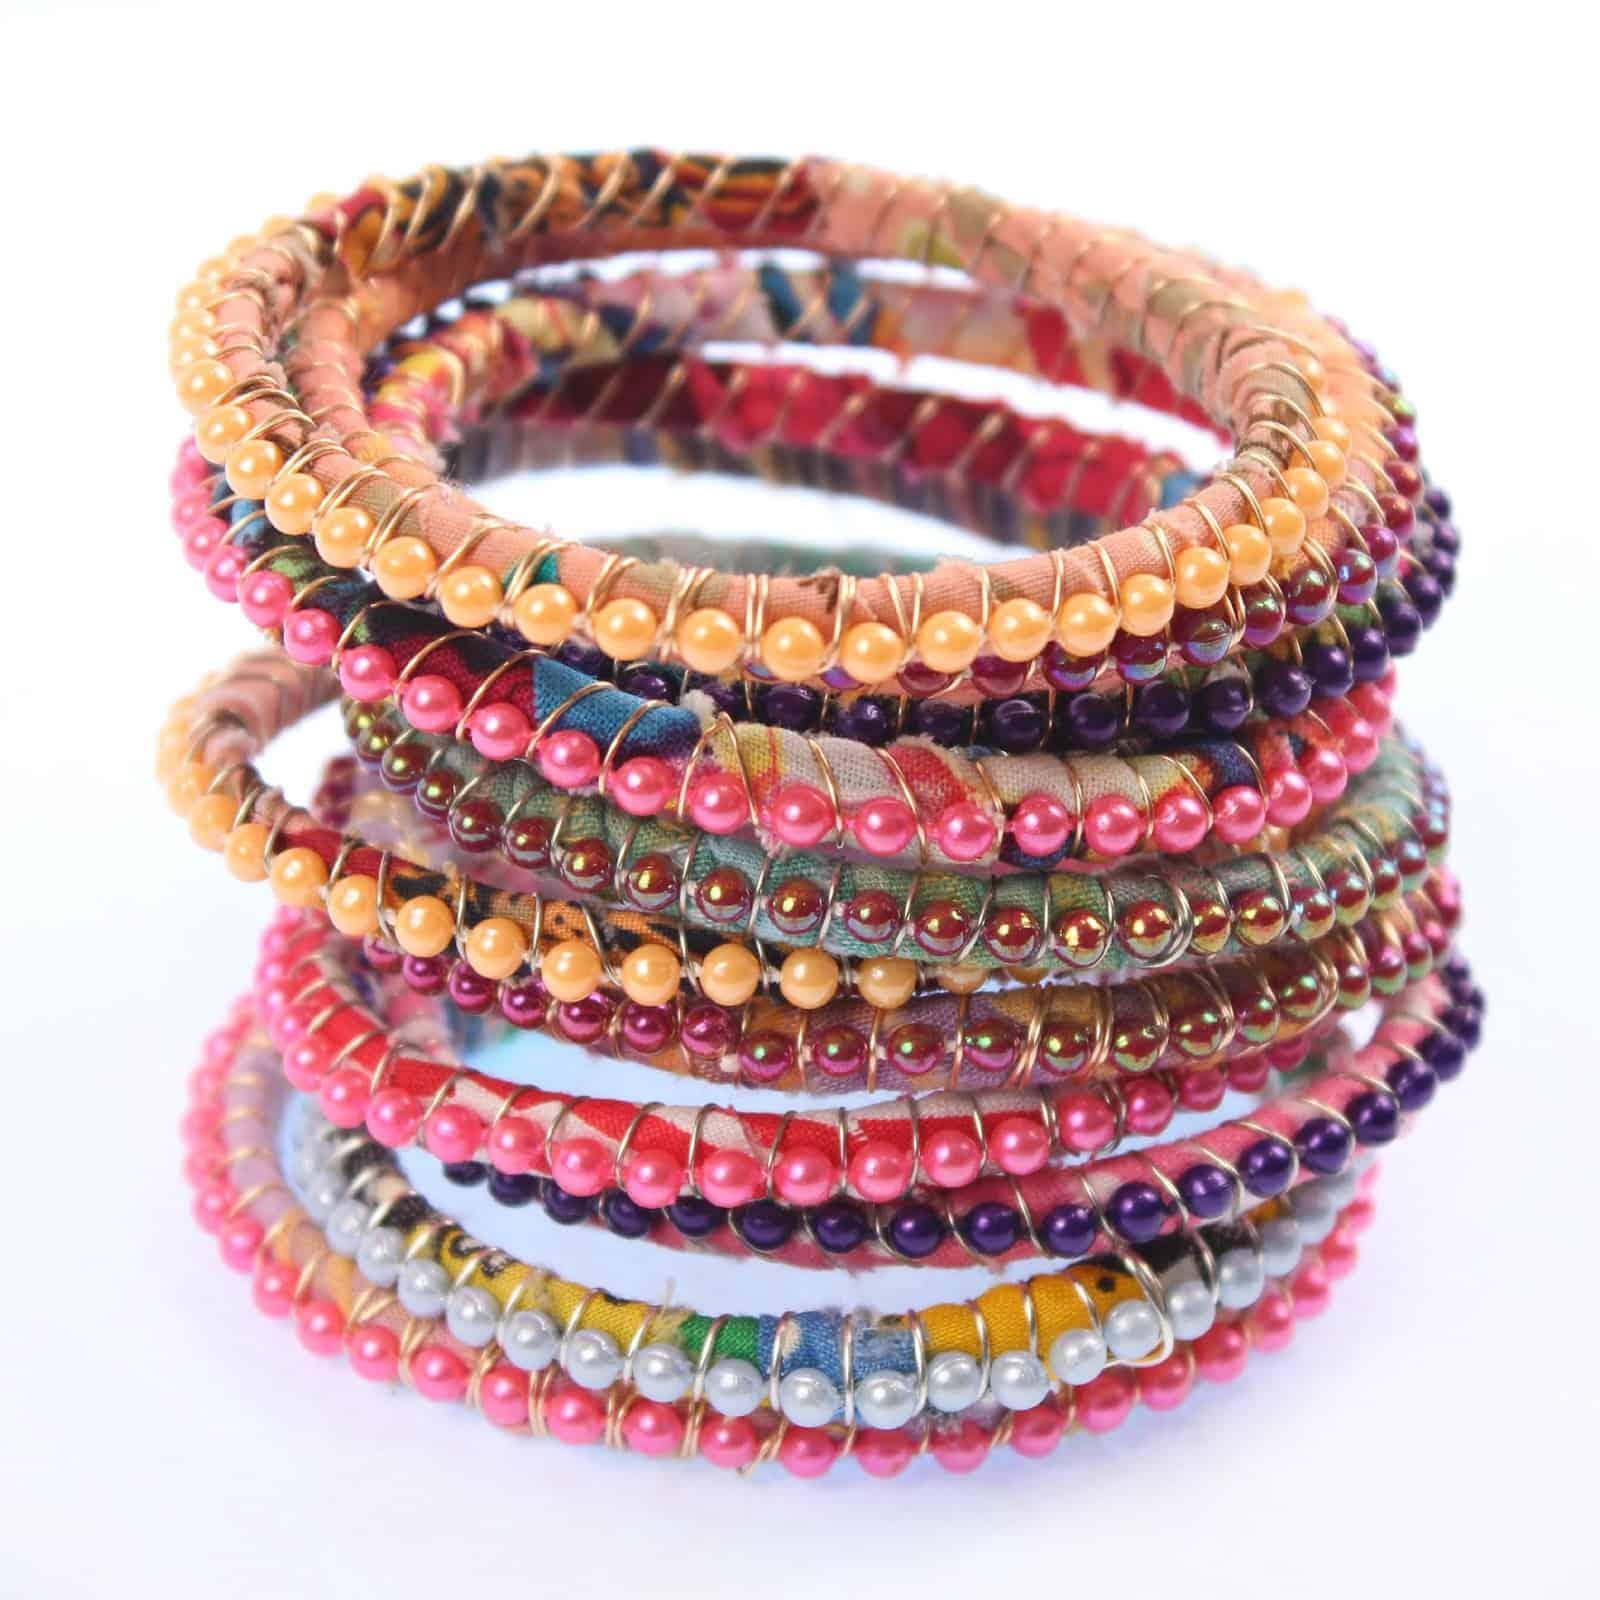 Bead and wire wrapped boho bracelets